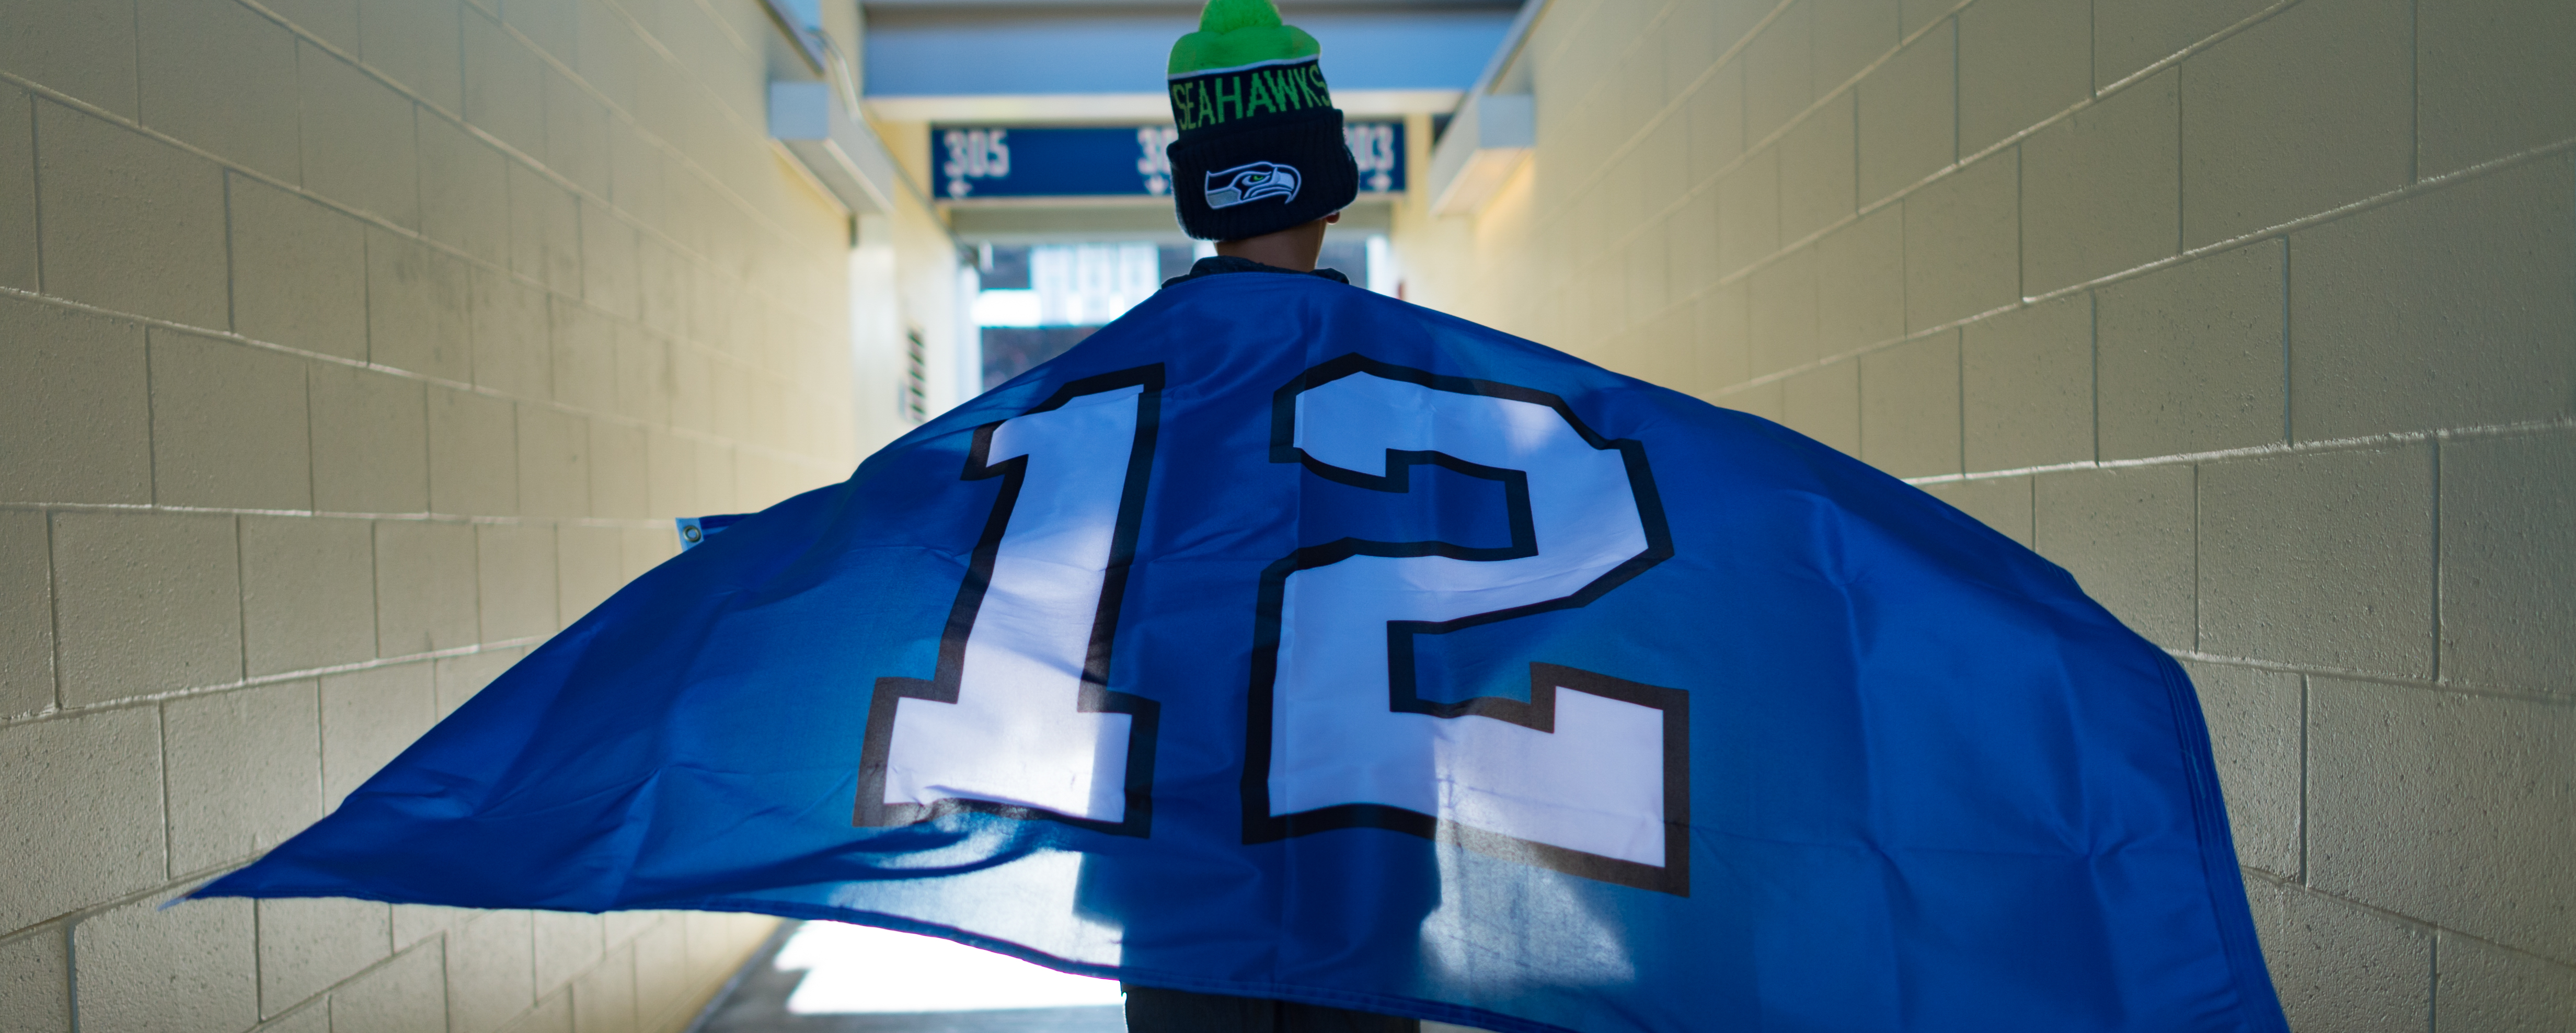 size 40 e7e9f e5ce5 The 12s, Seattle Seahawks Fans | Seattle Seahawks – Seahawks.com